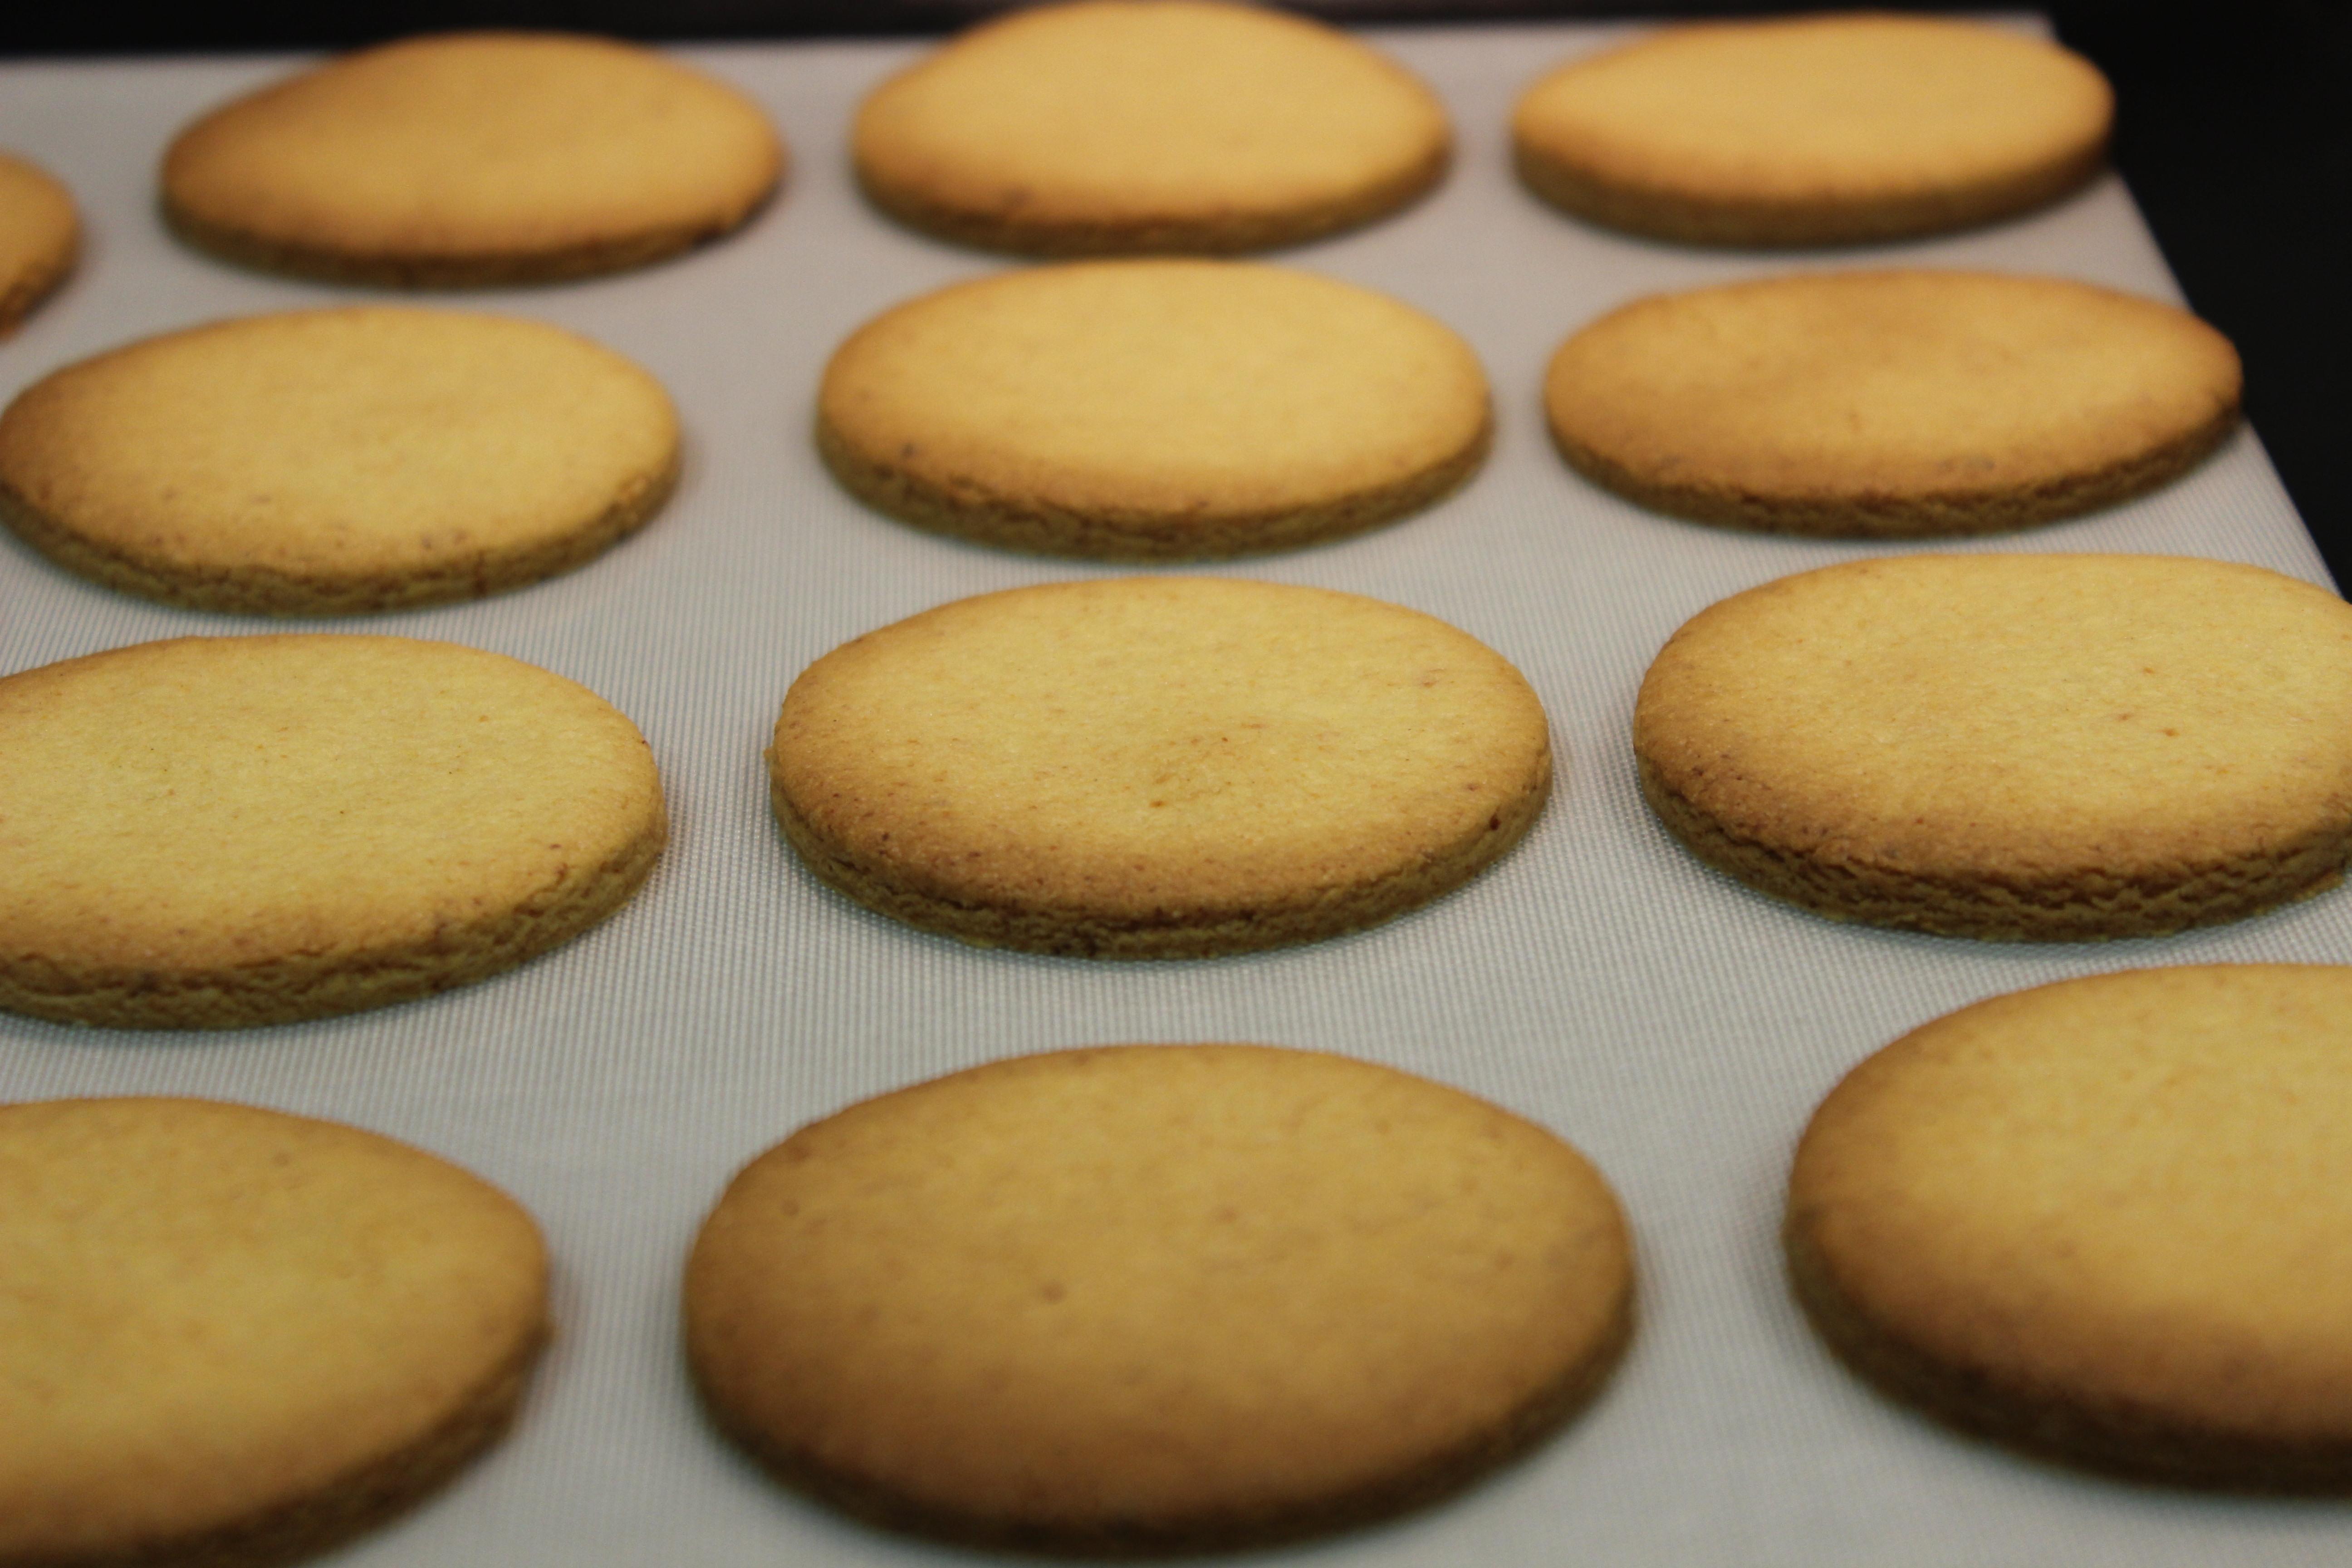 galletas al horno caseras